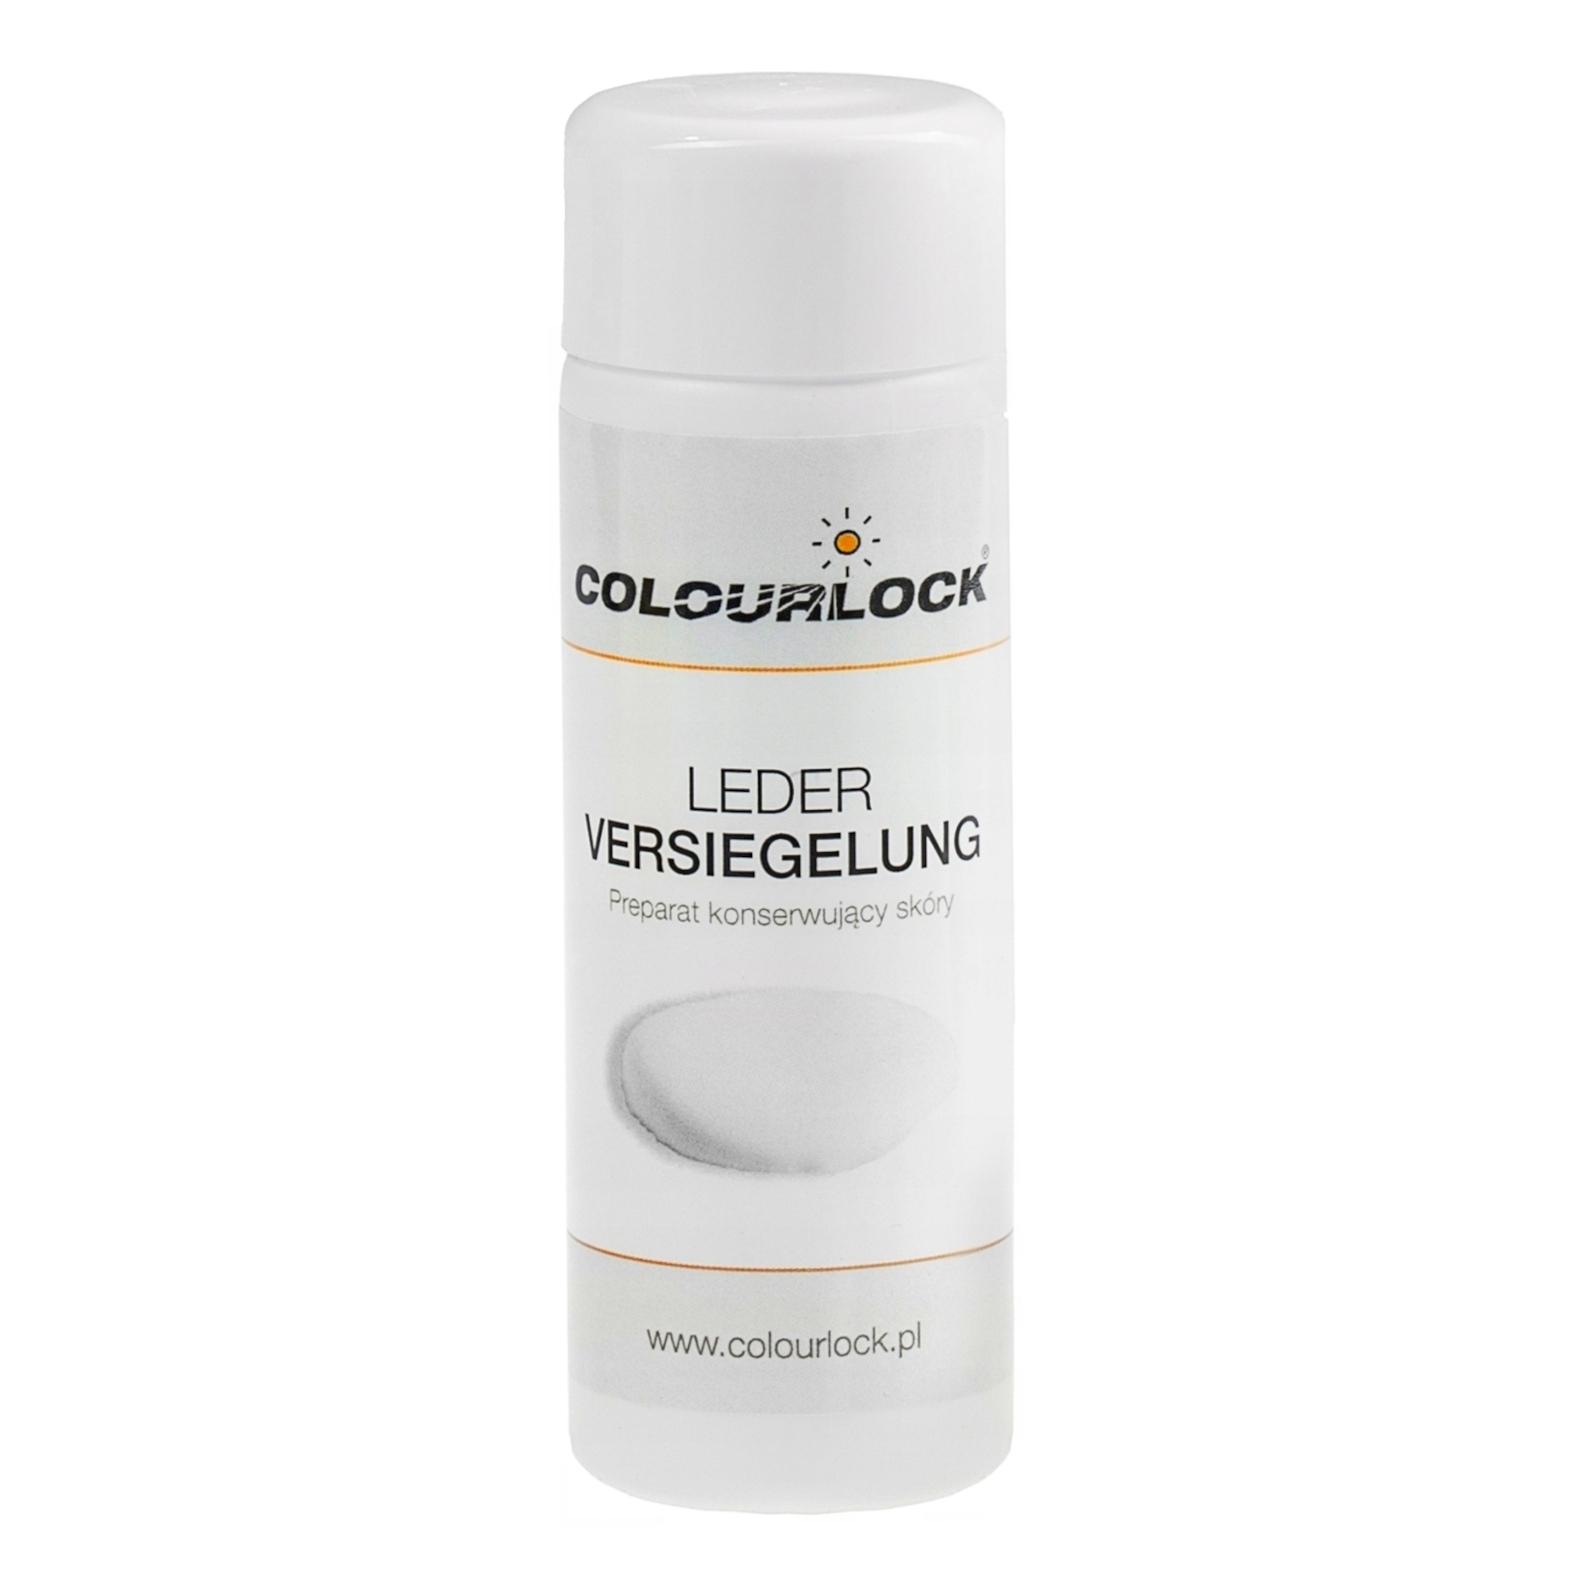 Środek konserwujący do skór Colourlock